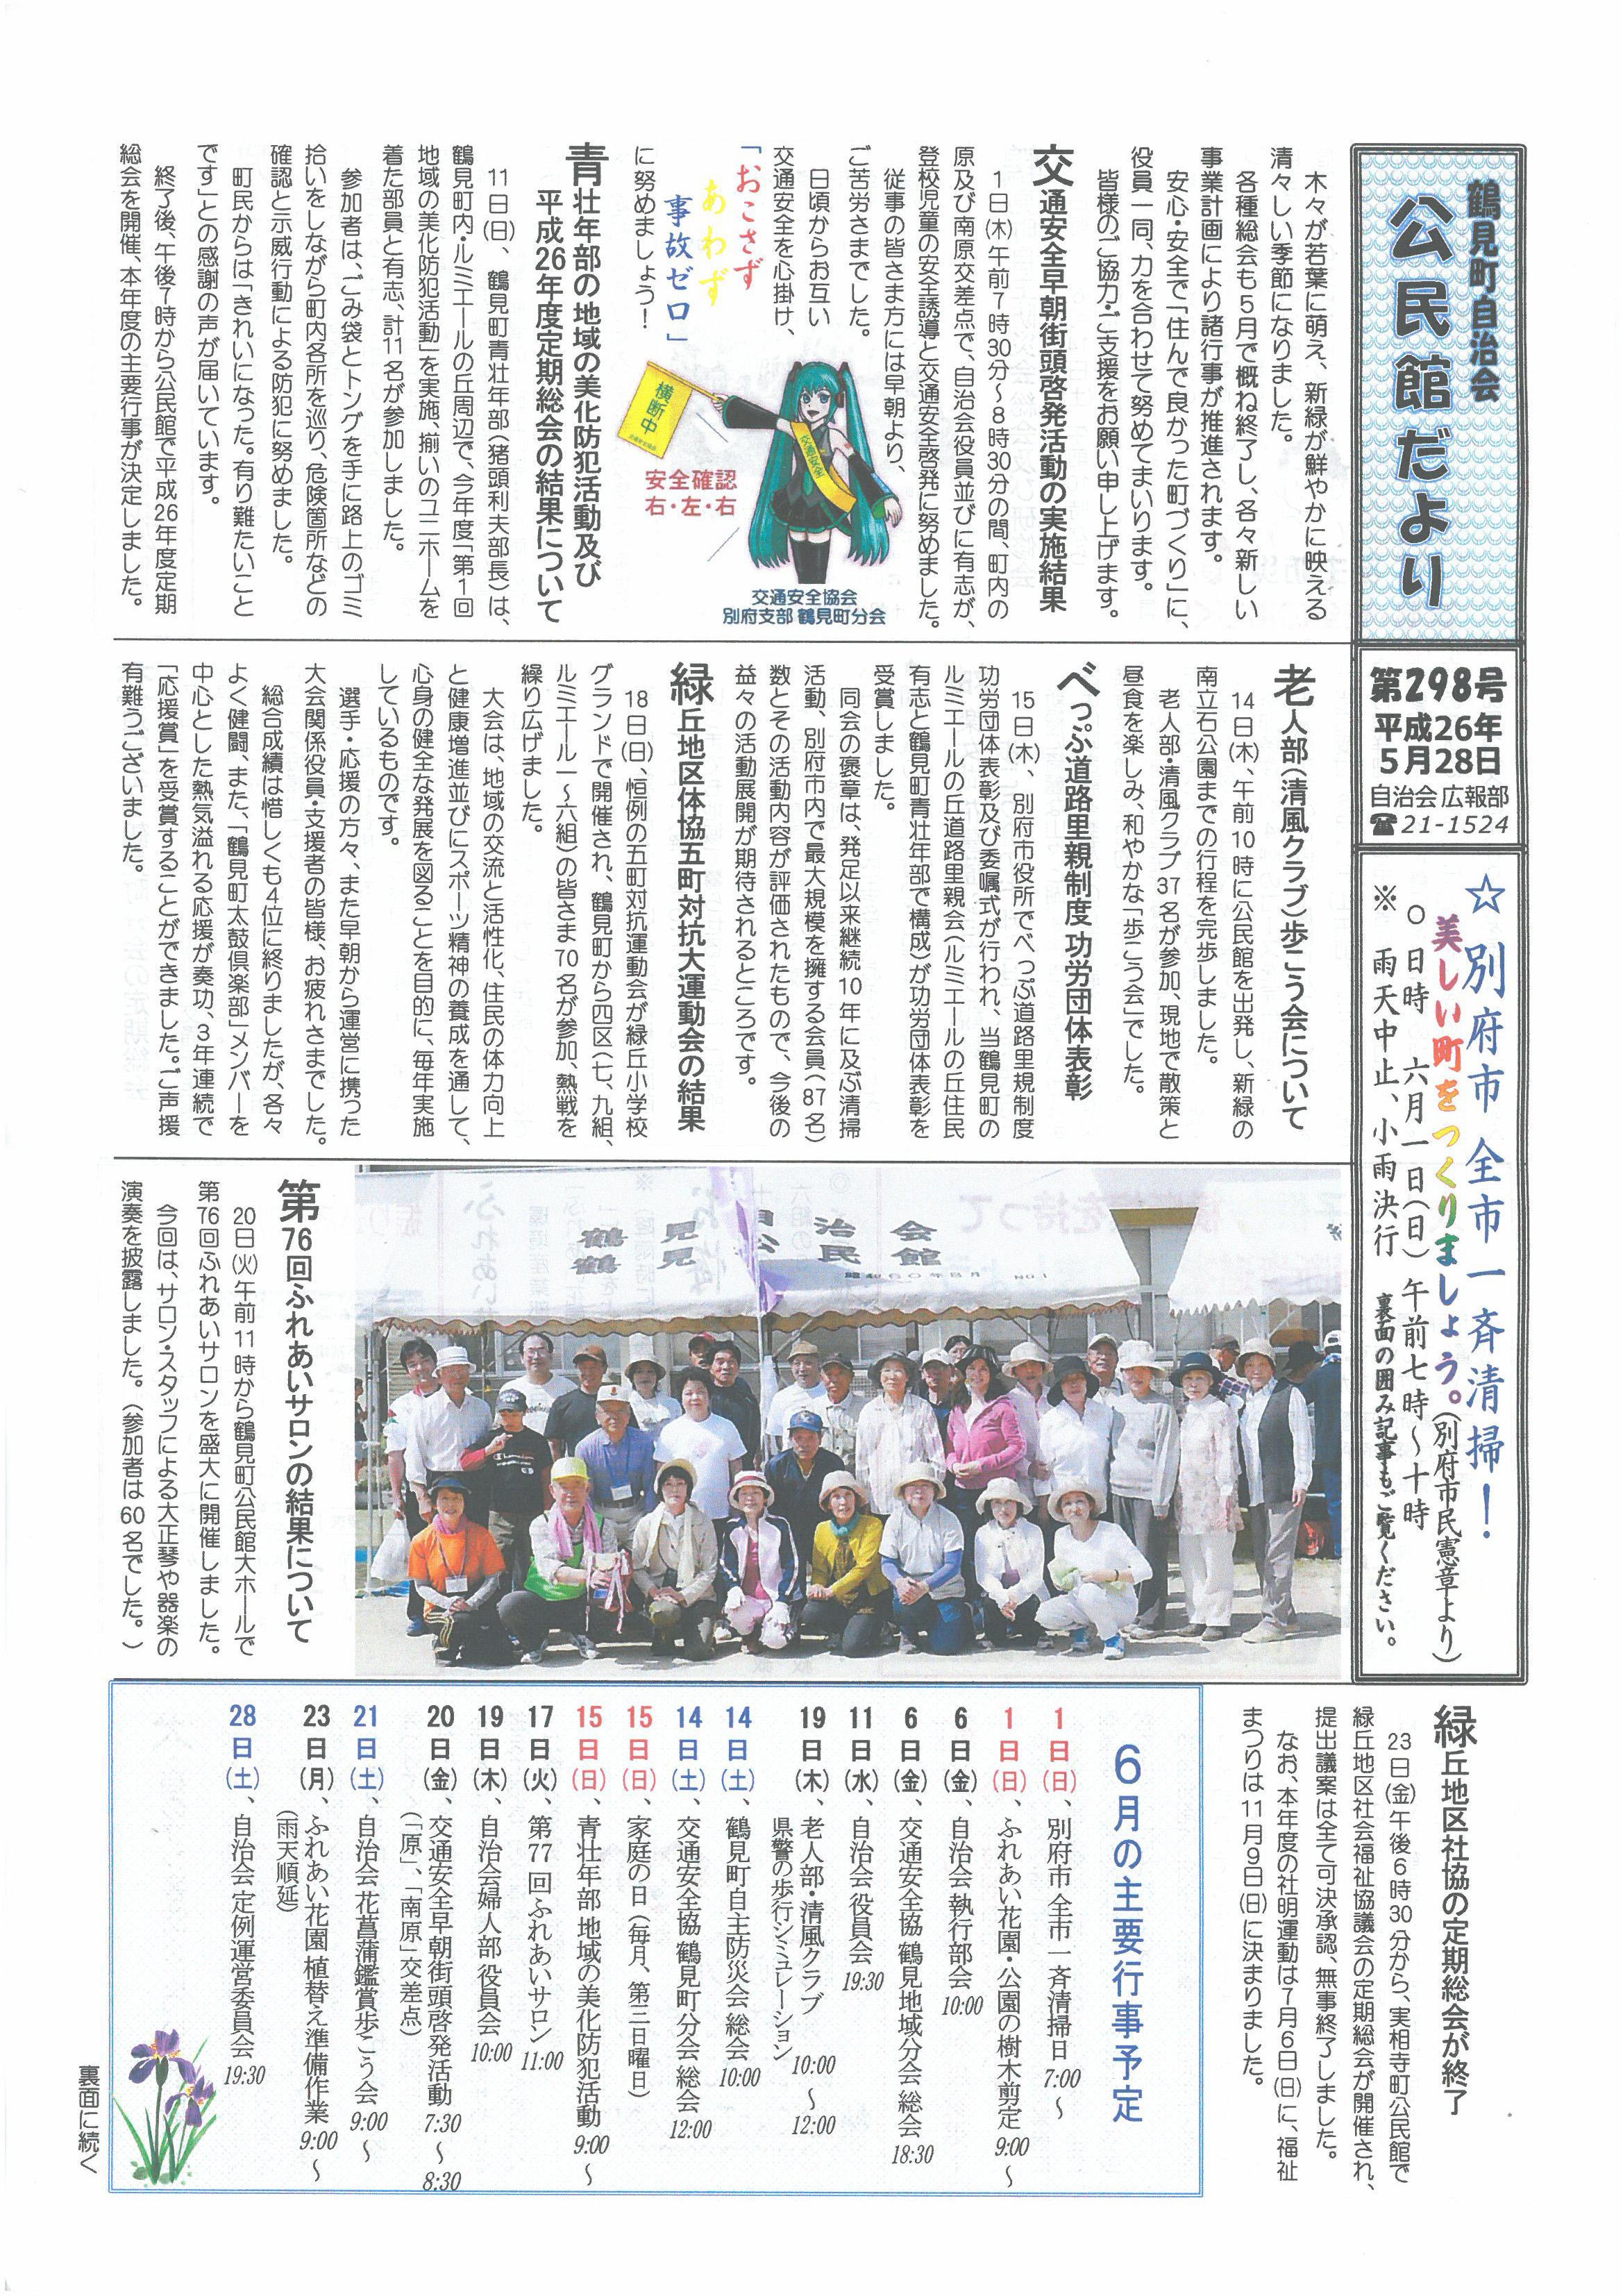 tsurumi2014_06_01